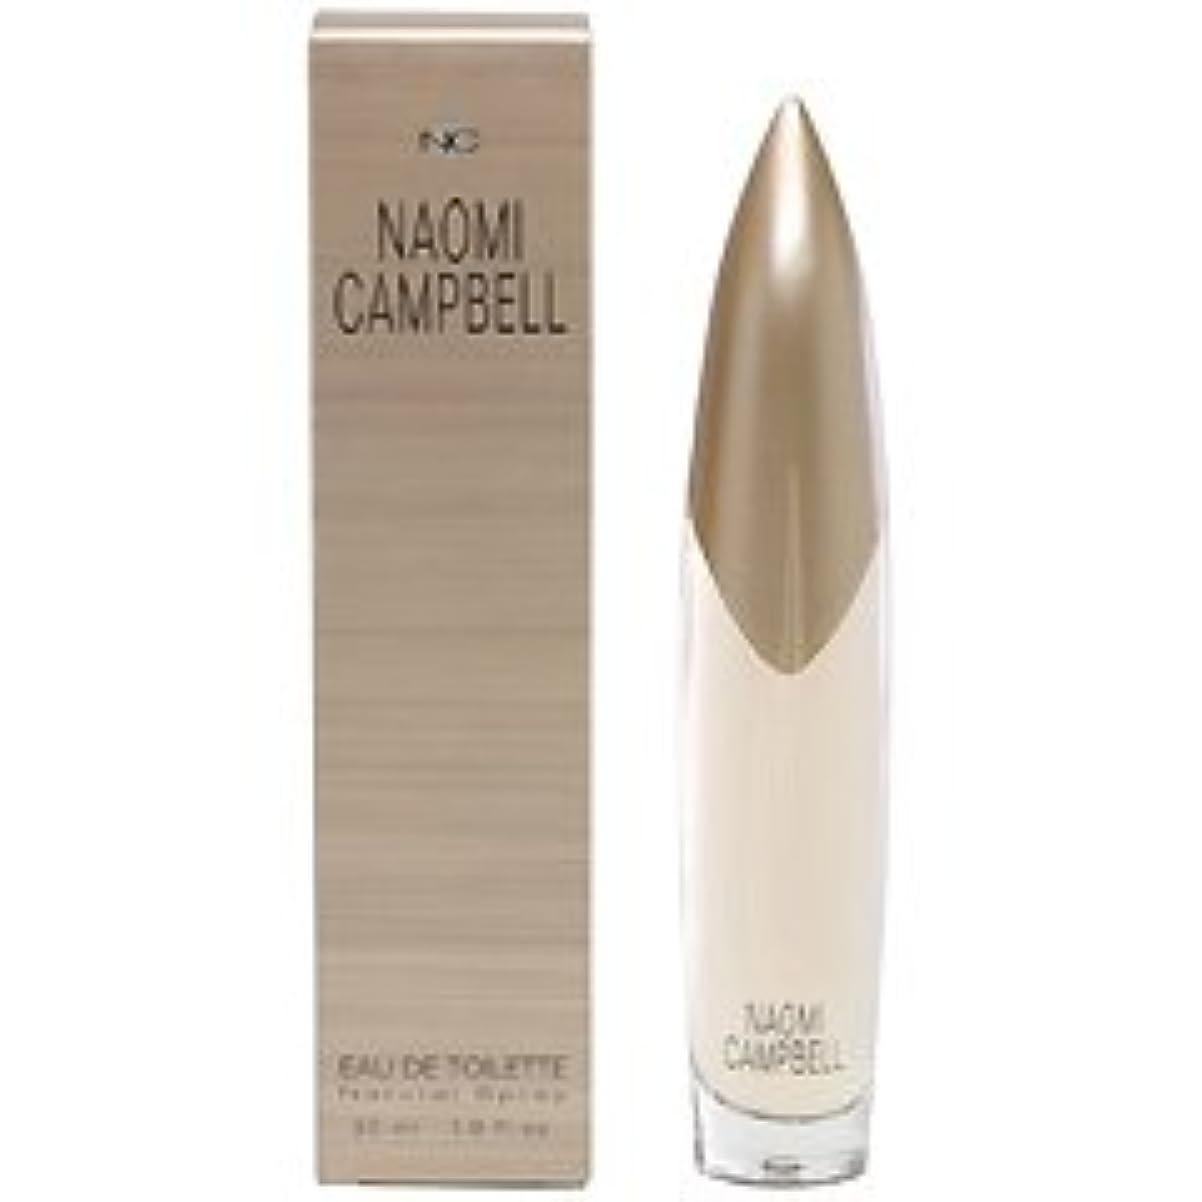 毒液効率的事前にナオミ キャンベル NAOMI CAMPBELL ナオミ キャンベル EDT SP 30ml